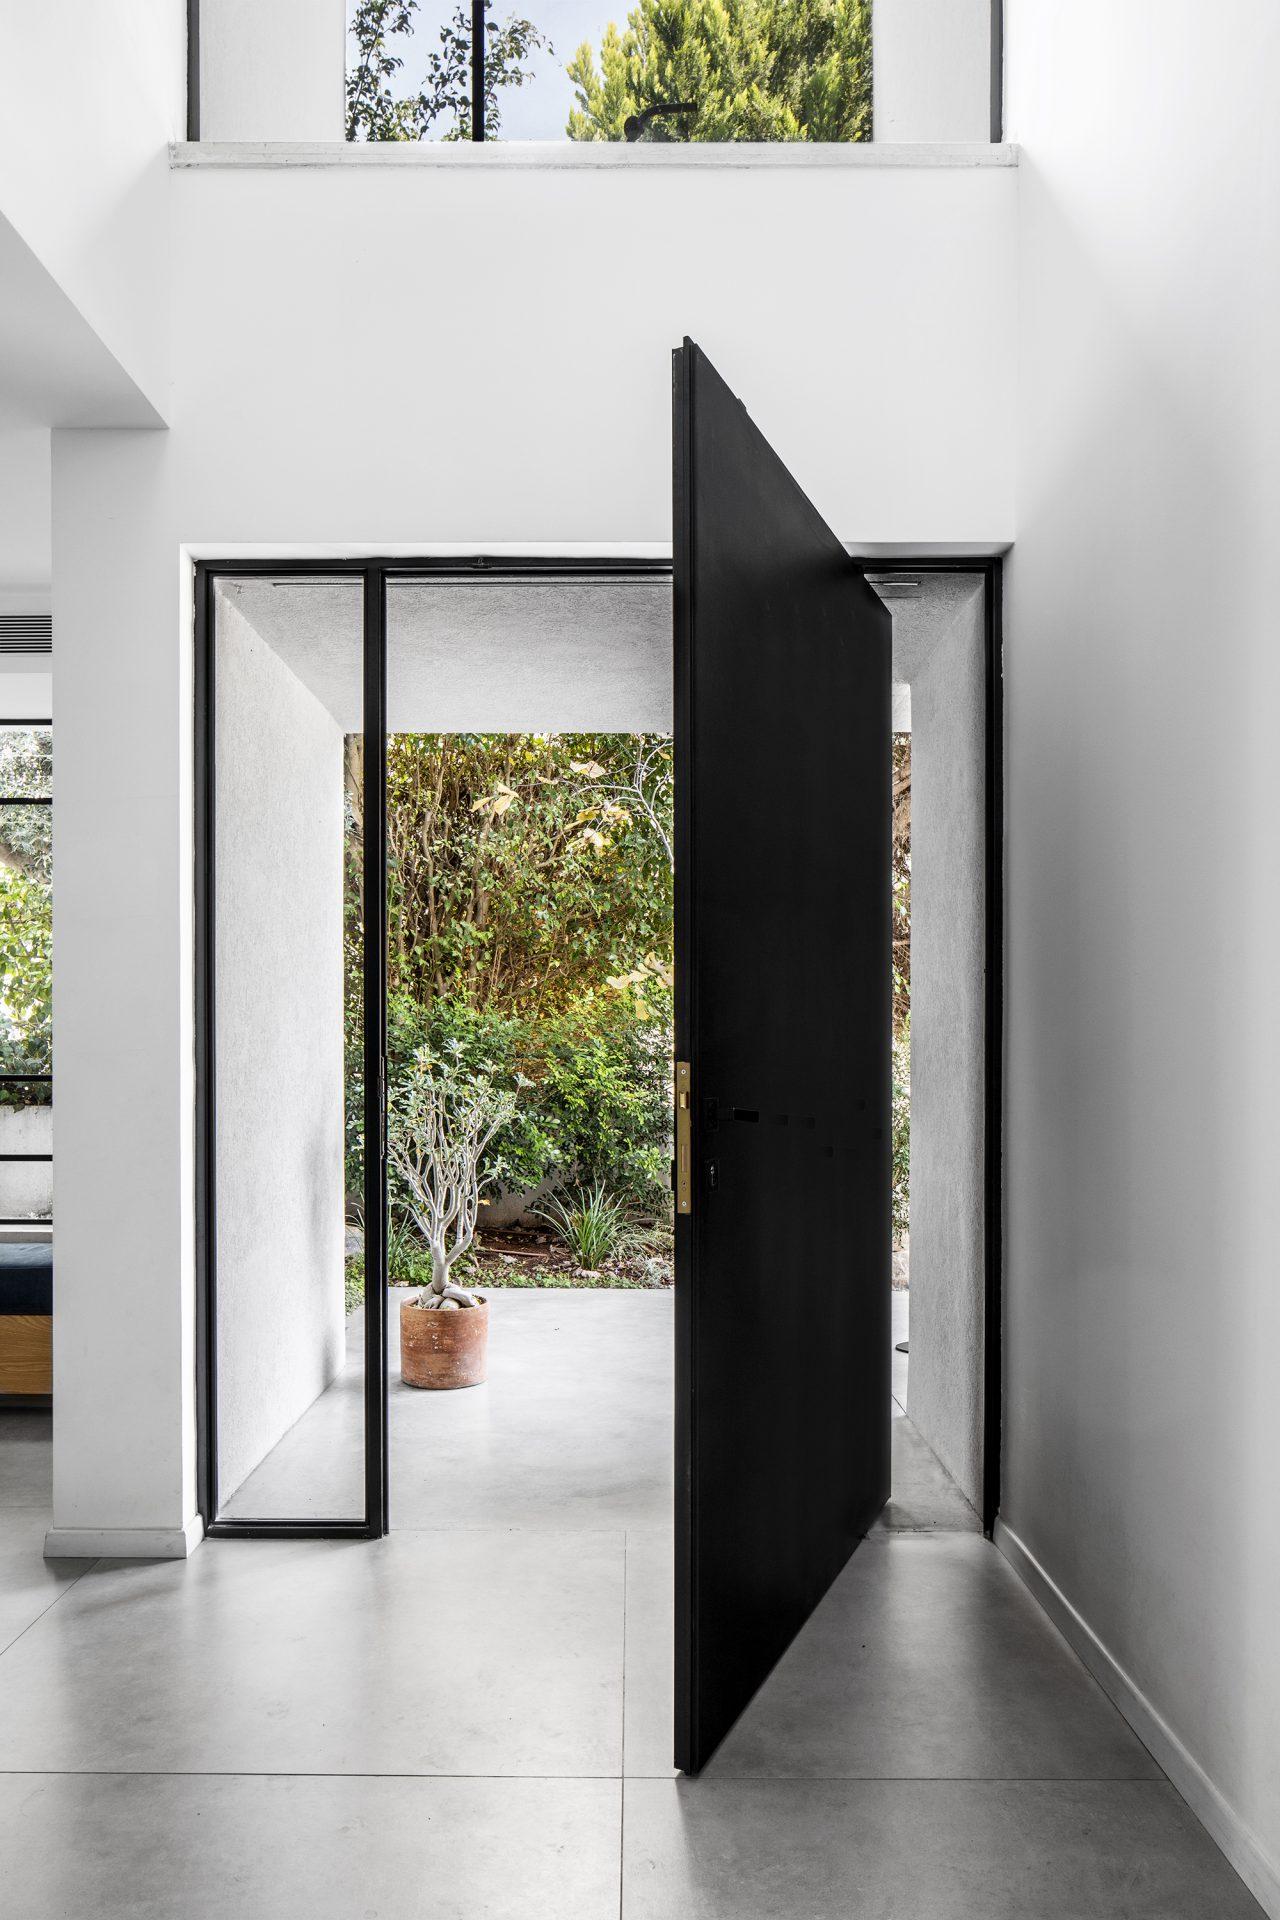 עיצוב דלת פיבוט